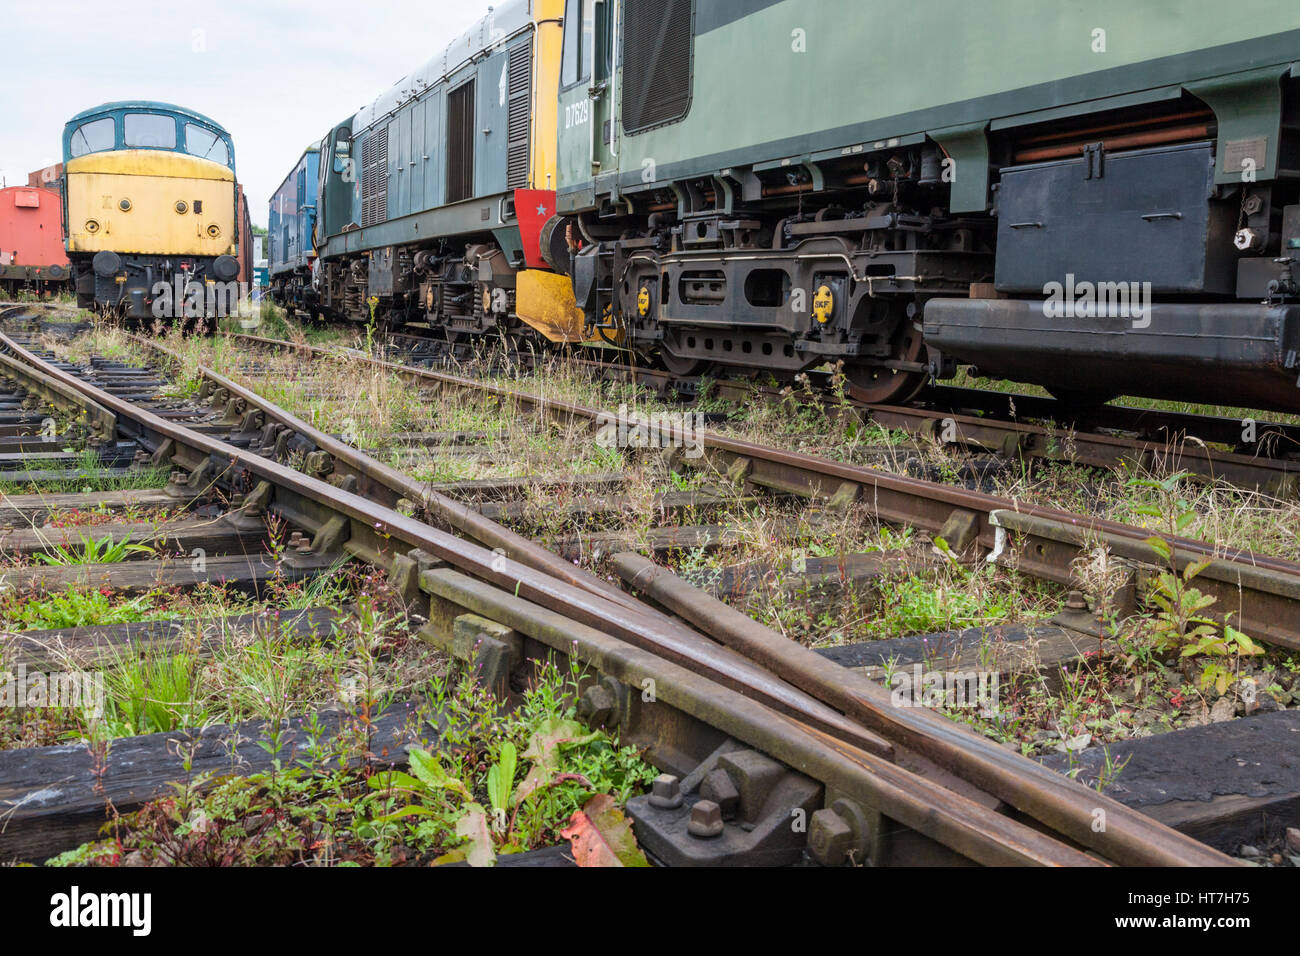 Several old diesel locomotives awaiting restoration at Nottingham Transport Heritage Centre, Ruddington, Nottinghamshire, - Stock Image